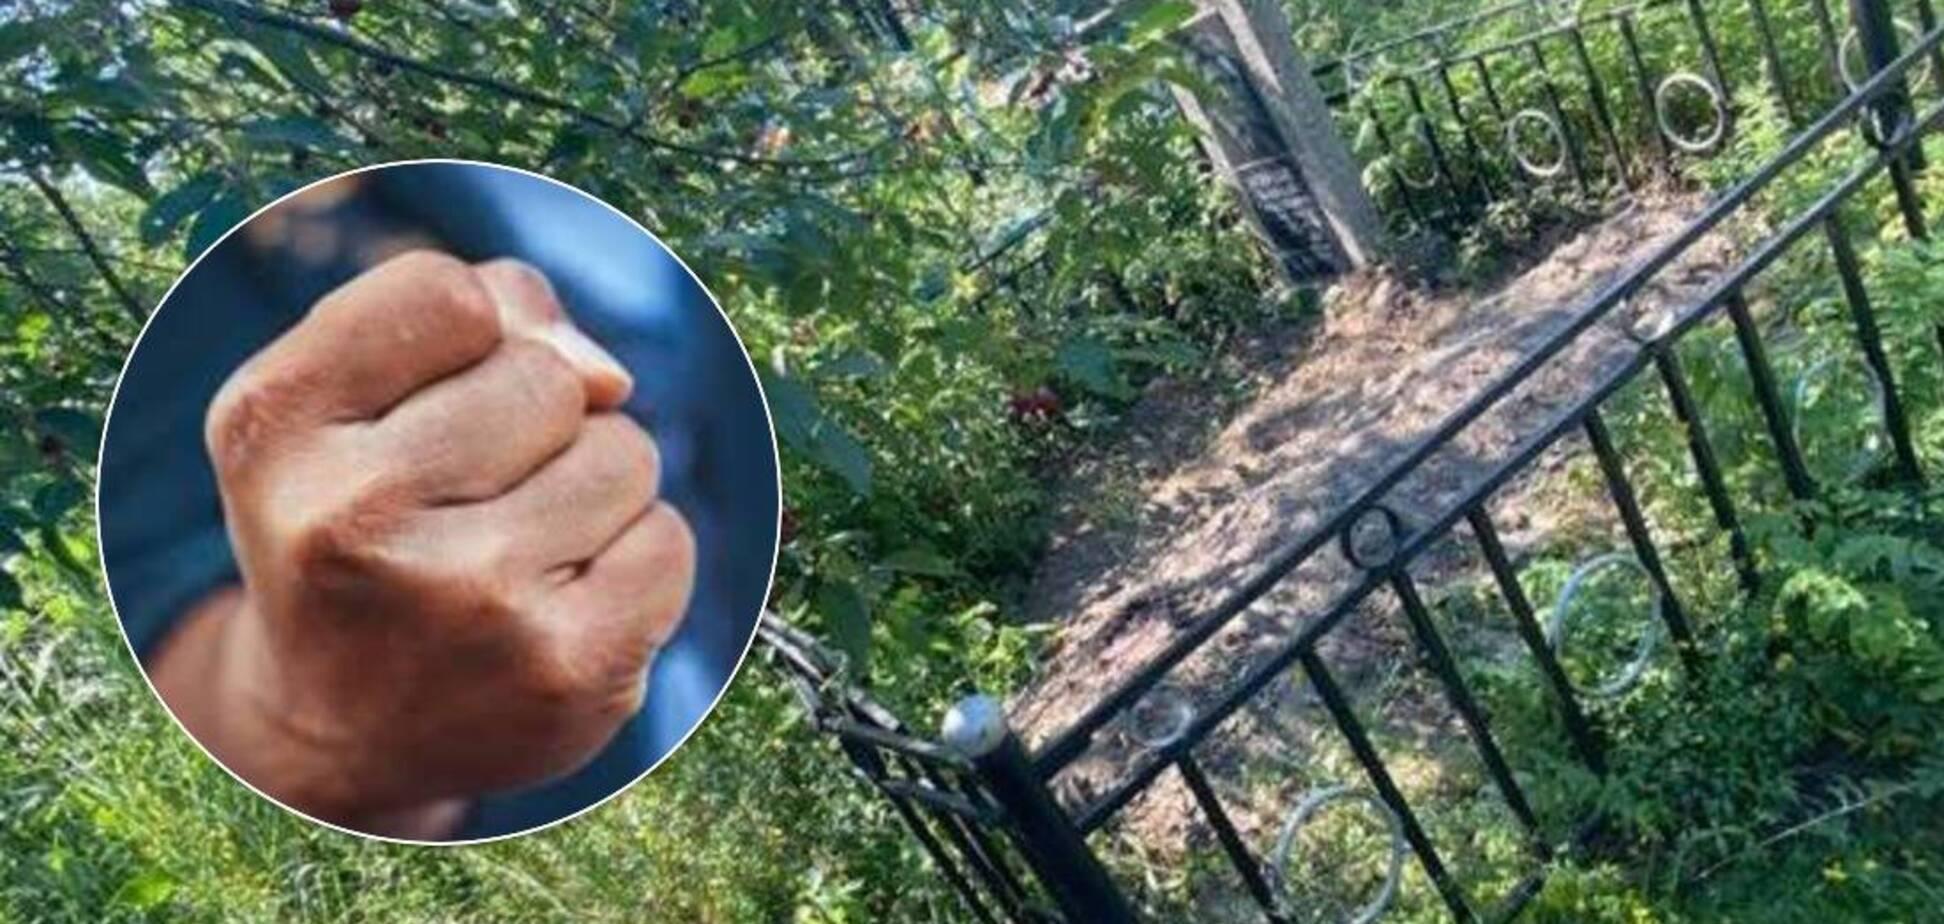 Под Киевом из-за нетрадиционной ориентации насмерть забили мужчину